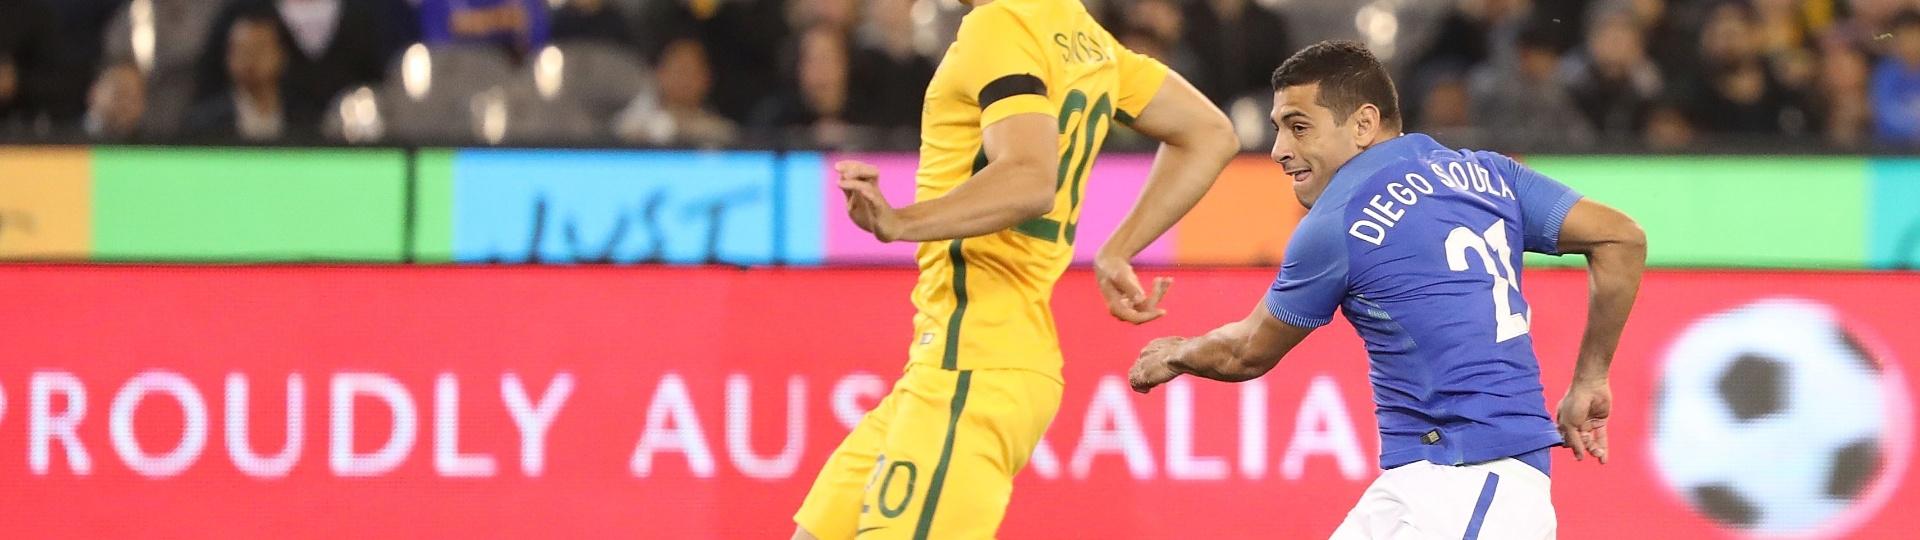 Diego Souza abre o placar para o Brasil contra a Austrália